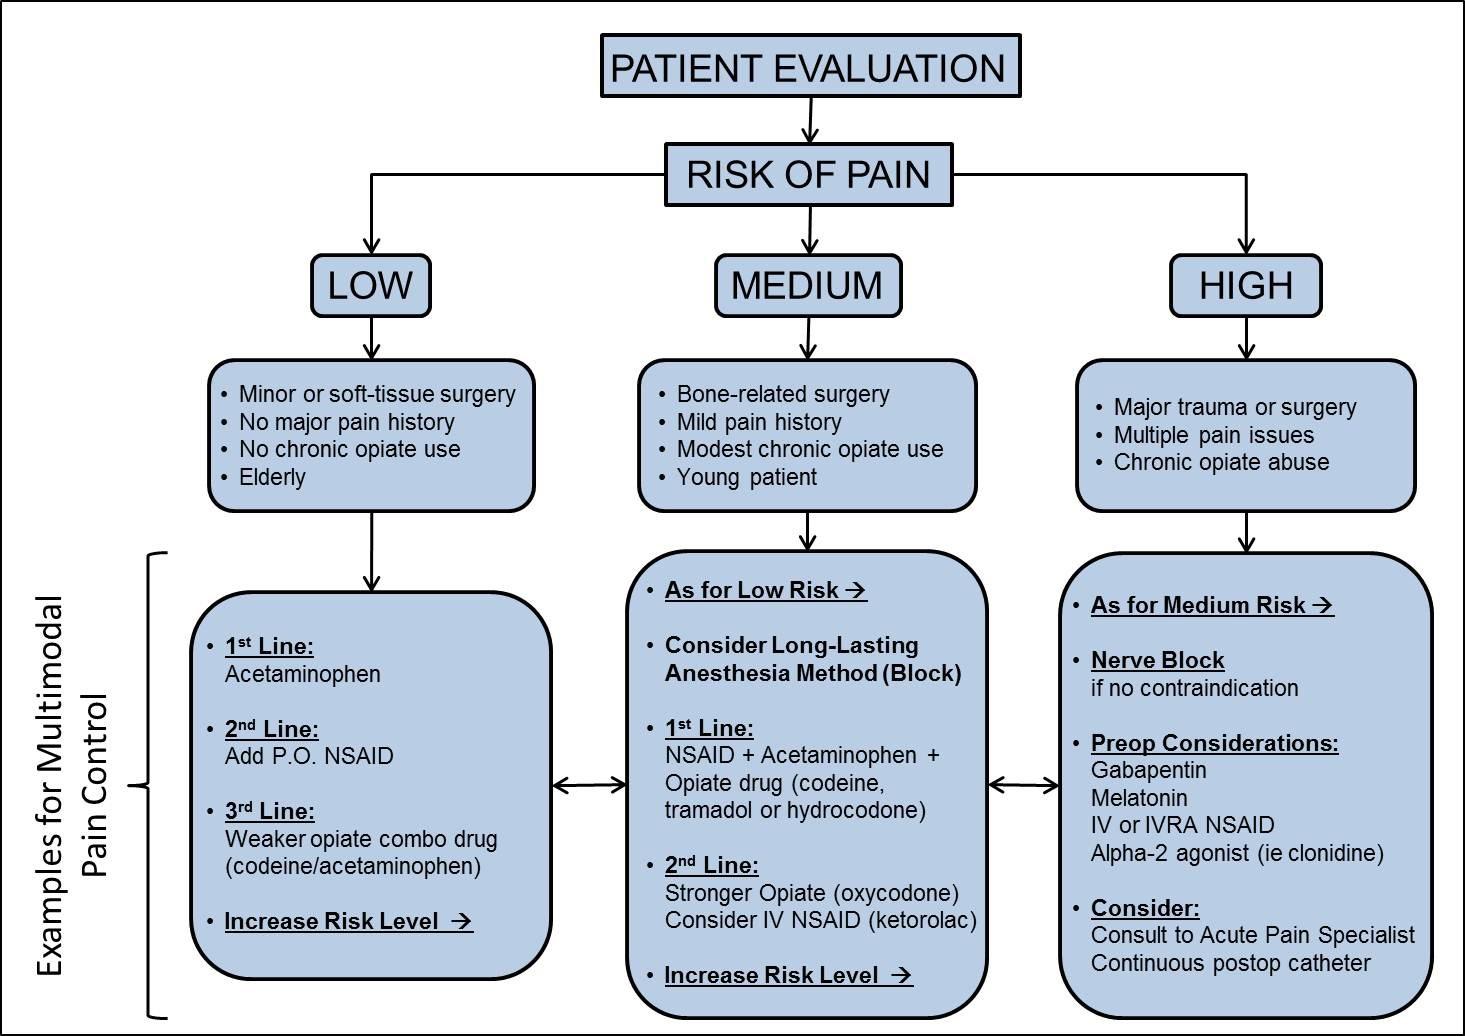 Multimodal Pain Management Algorithm